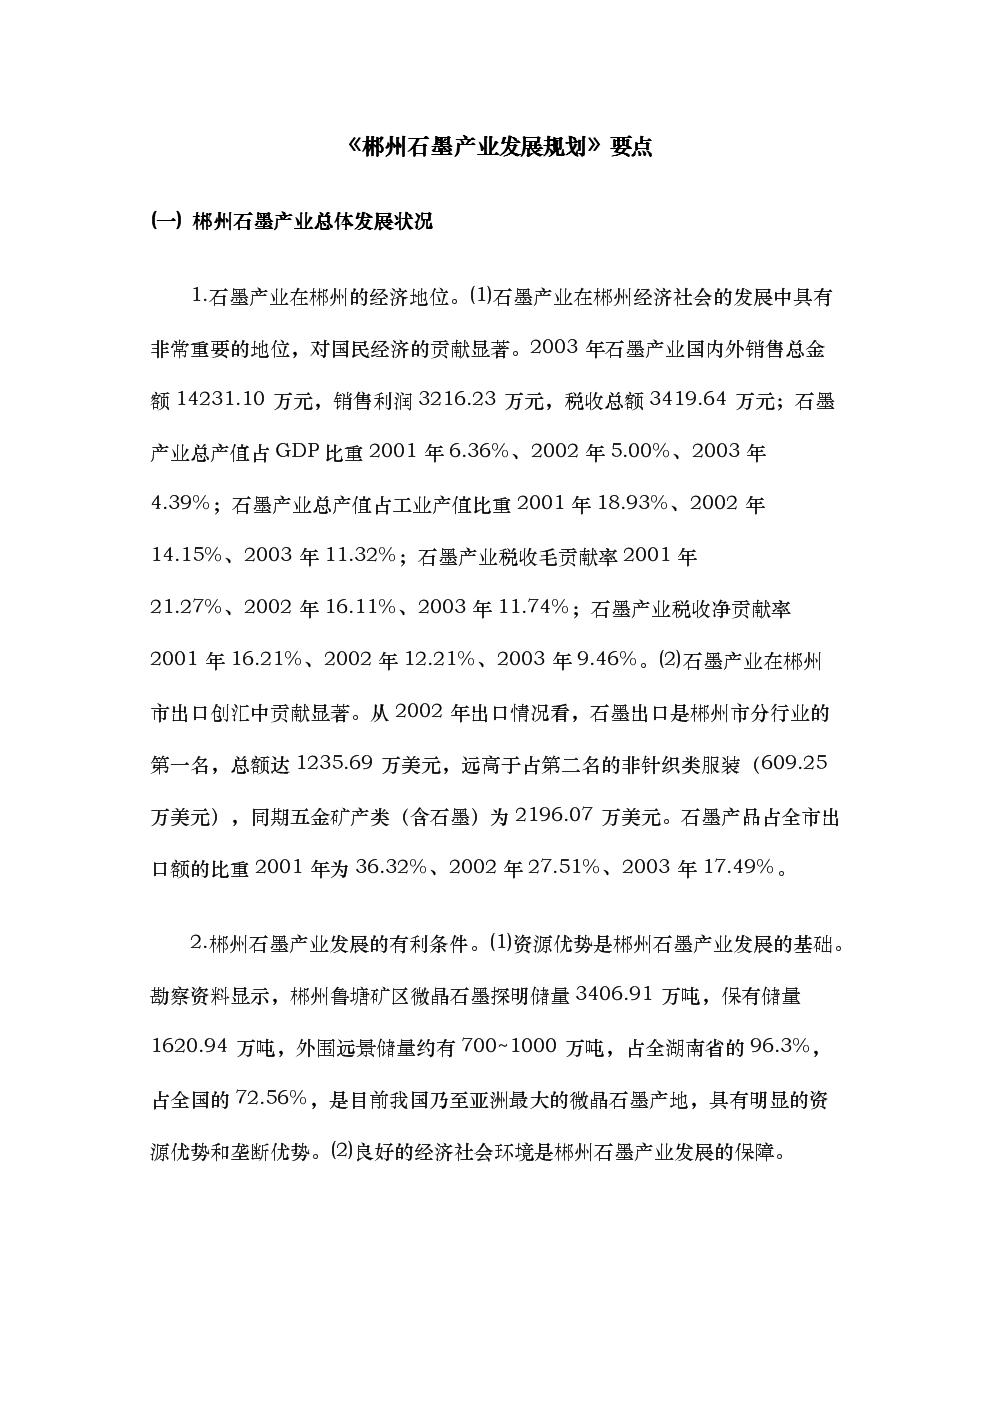 郴州石墨产业发展规划.doc